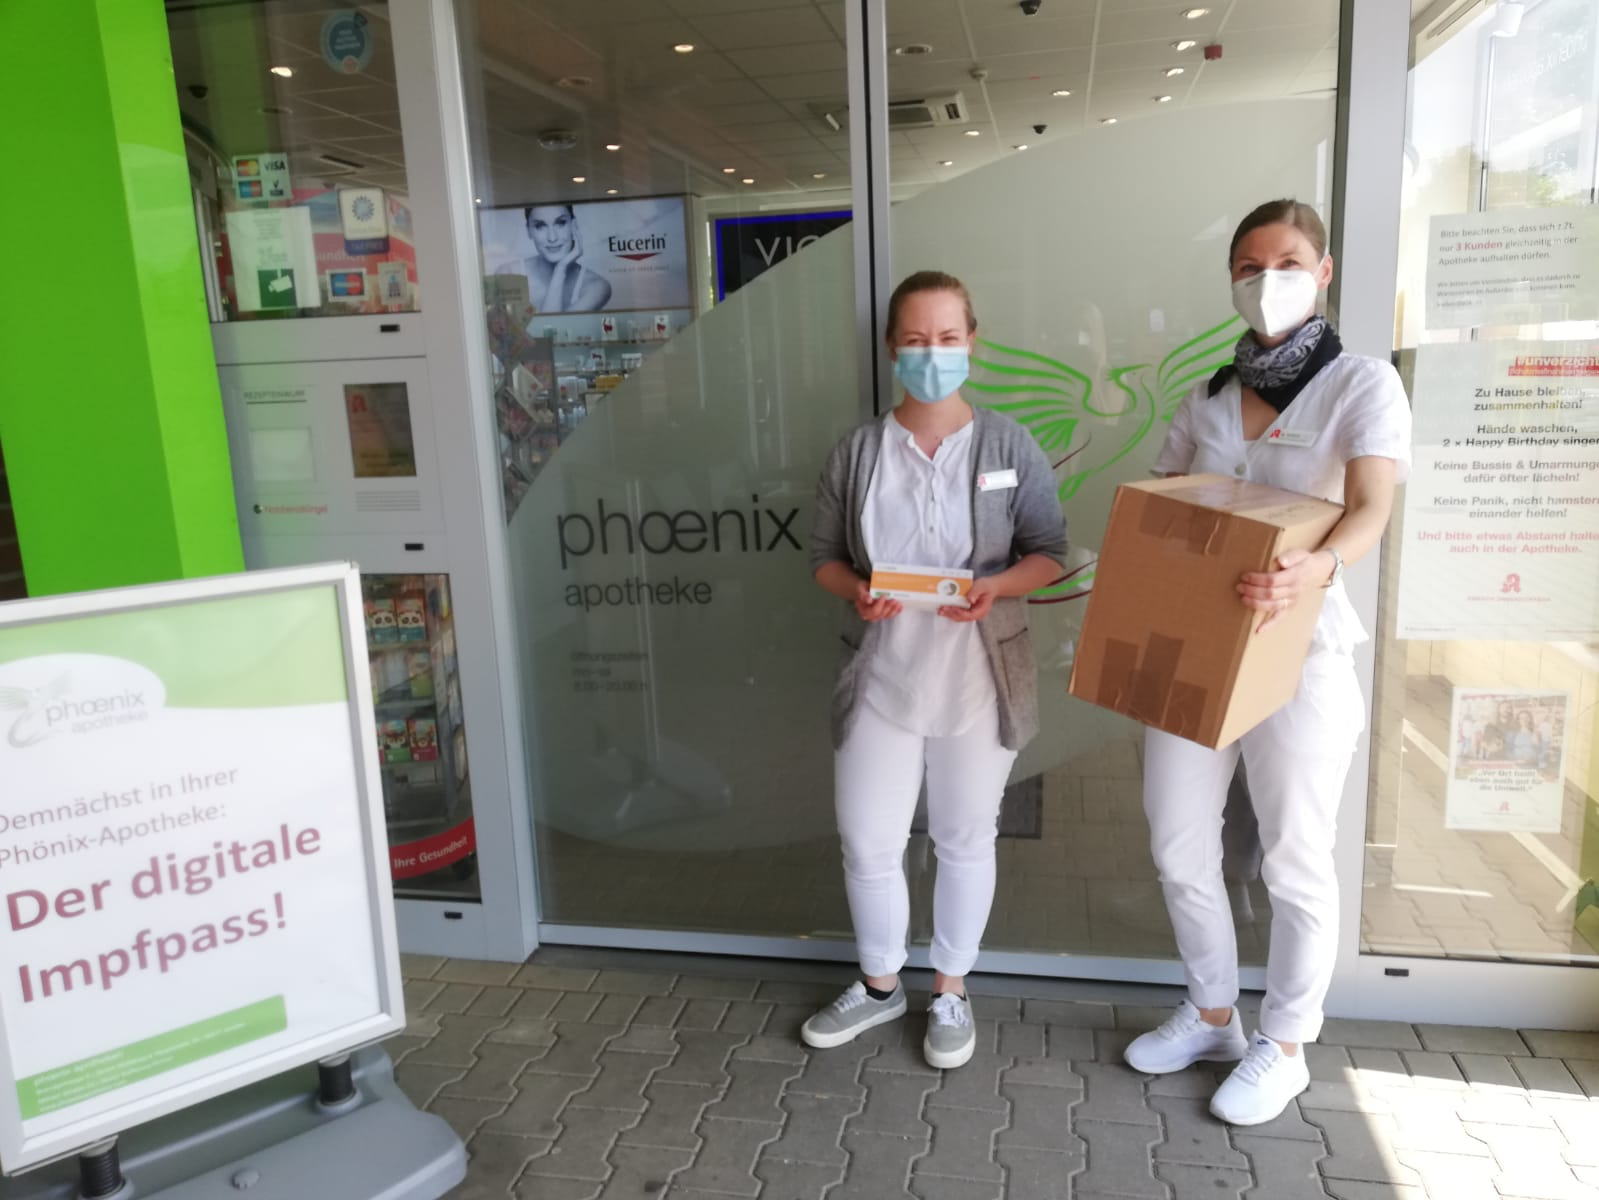 Tolle Neue Aktion Der Phonix Apotheke Der Digitale Impfausweis Ab 14 06 21 Tanzendes Theater Wolfsburg